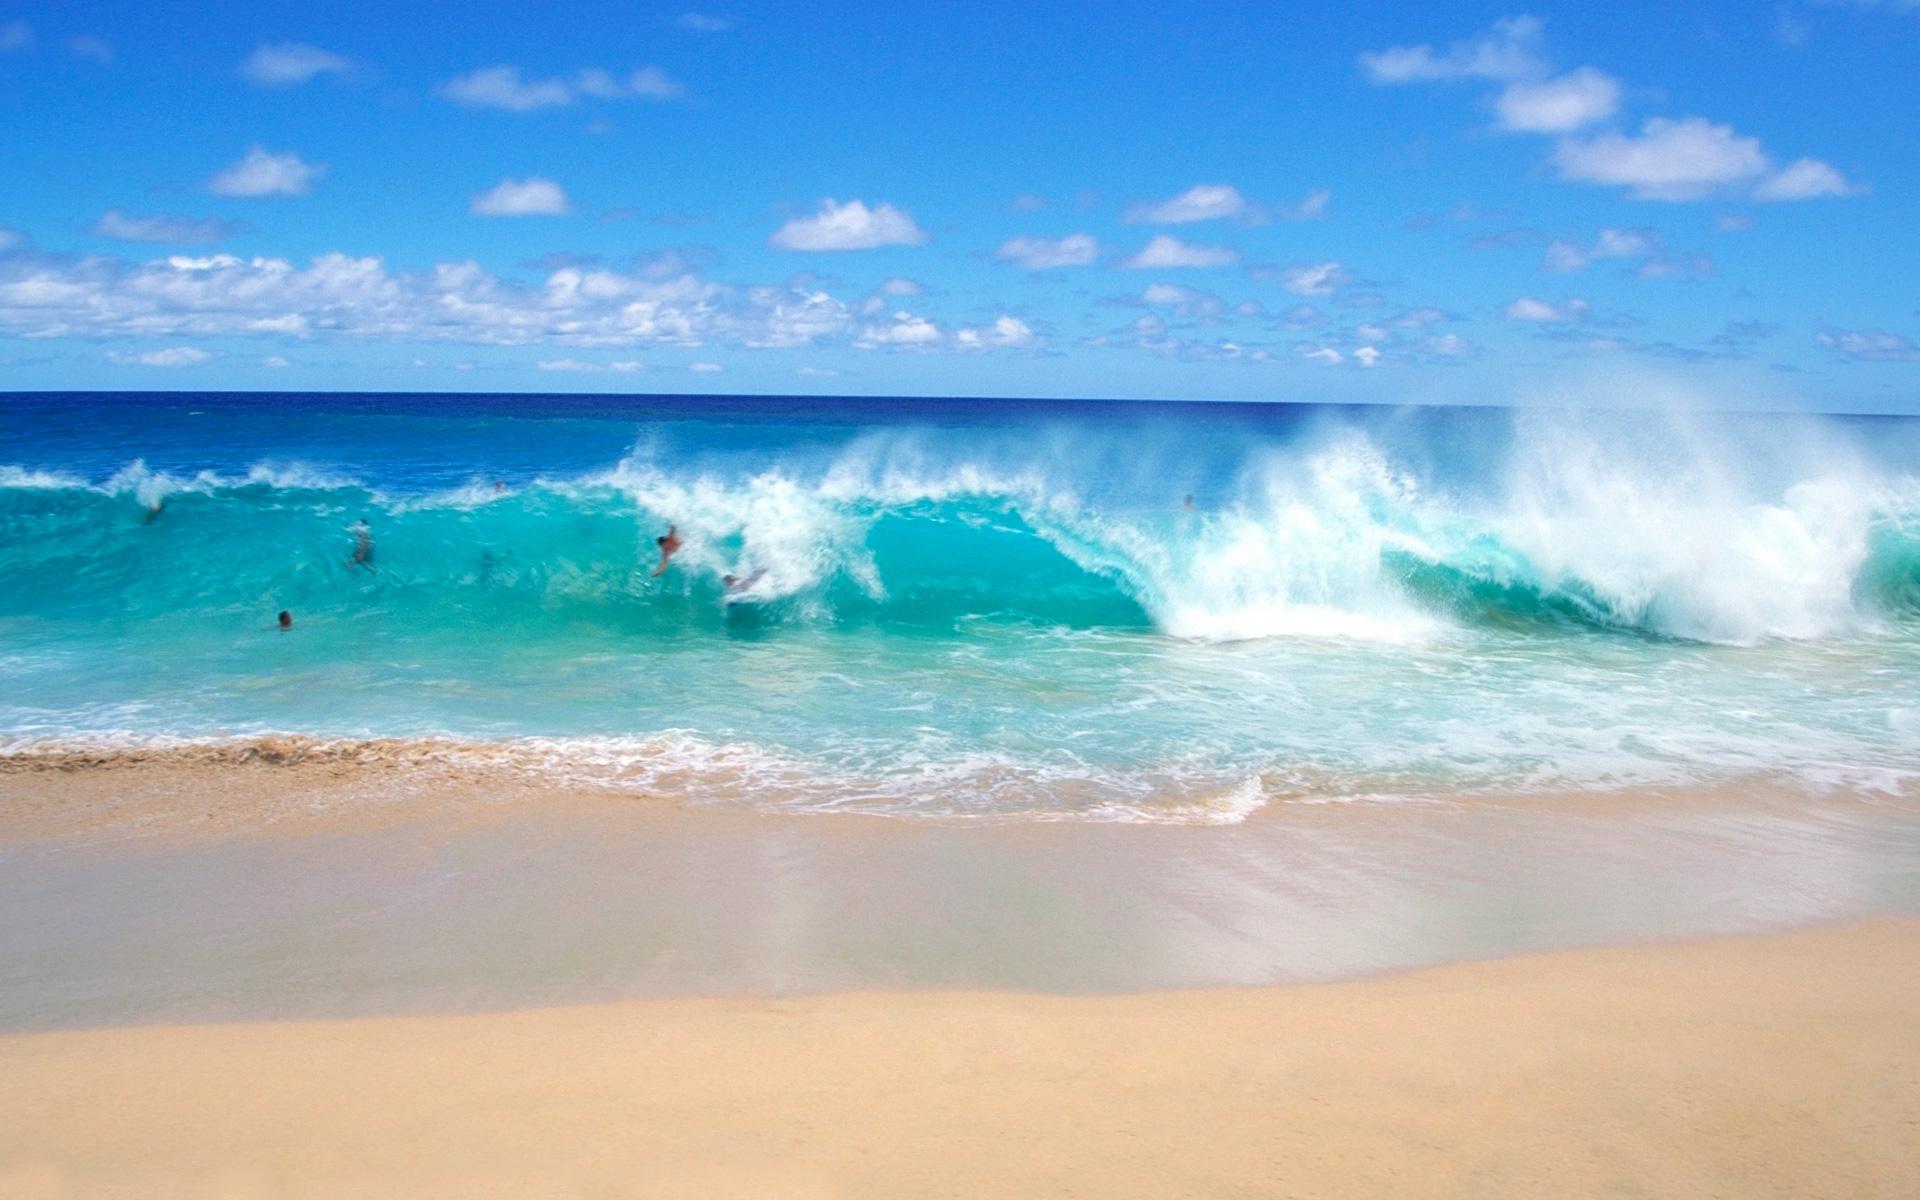 Beach Waves Wallpapers For Desktop Beach Waves: Ocean Beach Wave Wallpaper